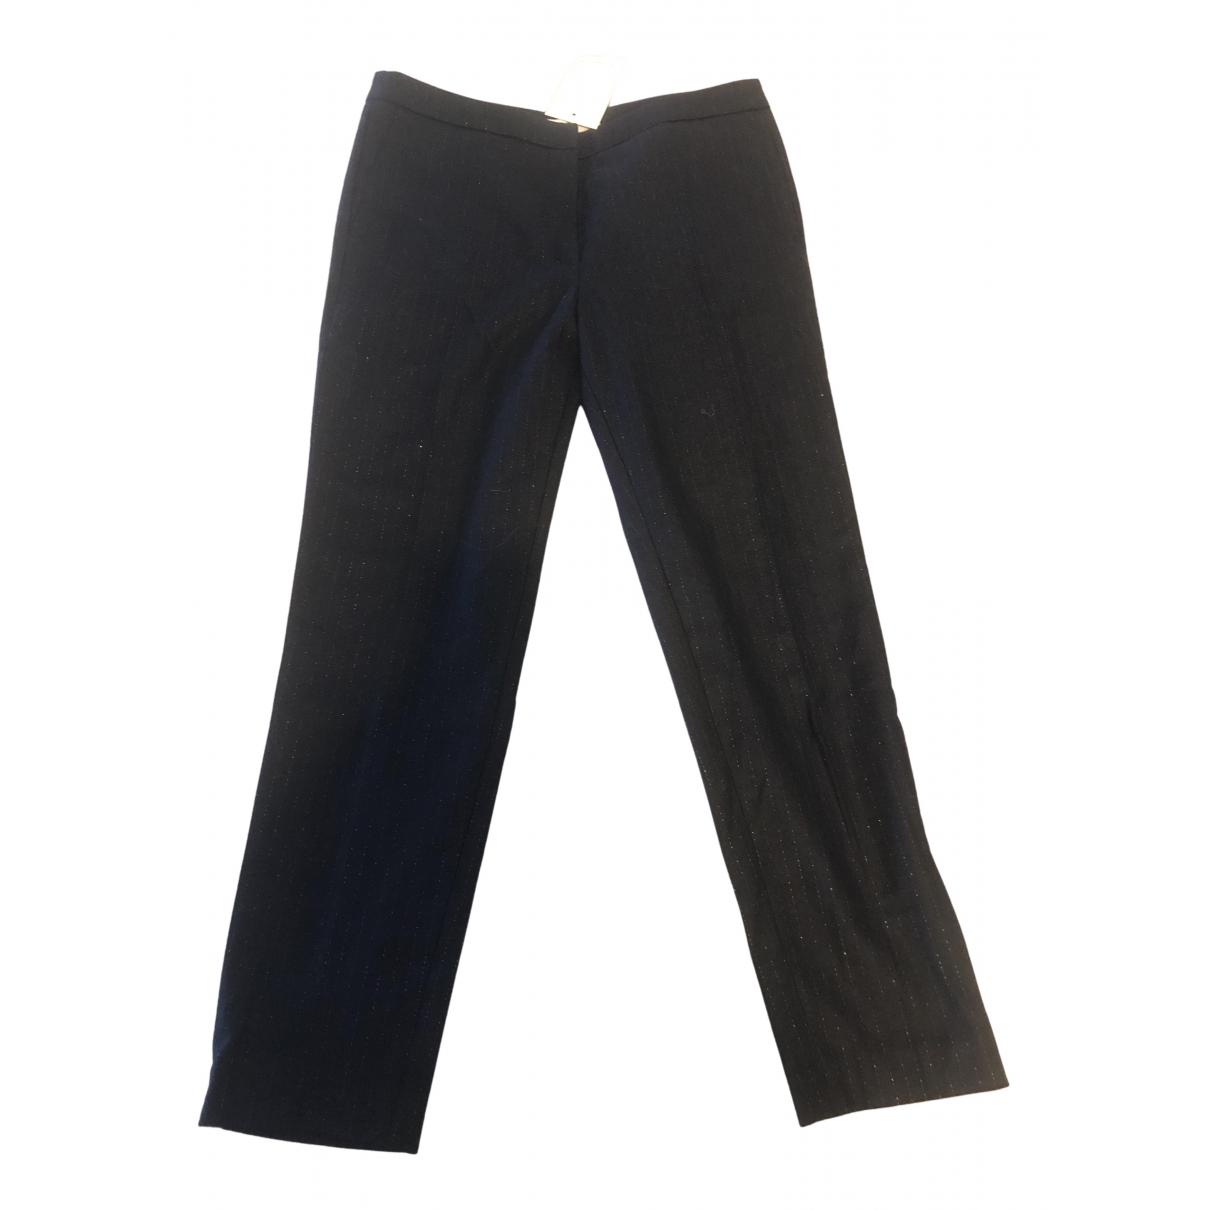 Sandro Fall Winter 2019 Blue Trousers for Women 40 FR